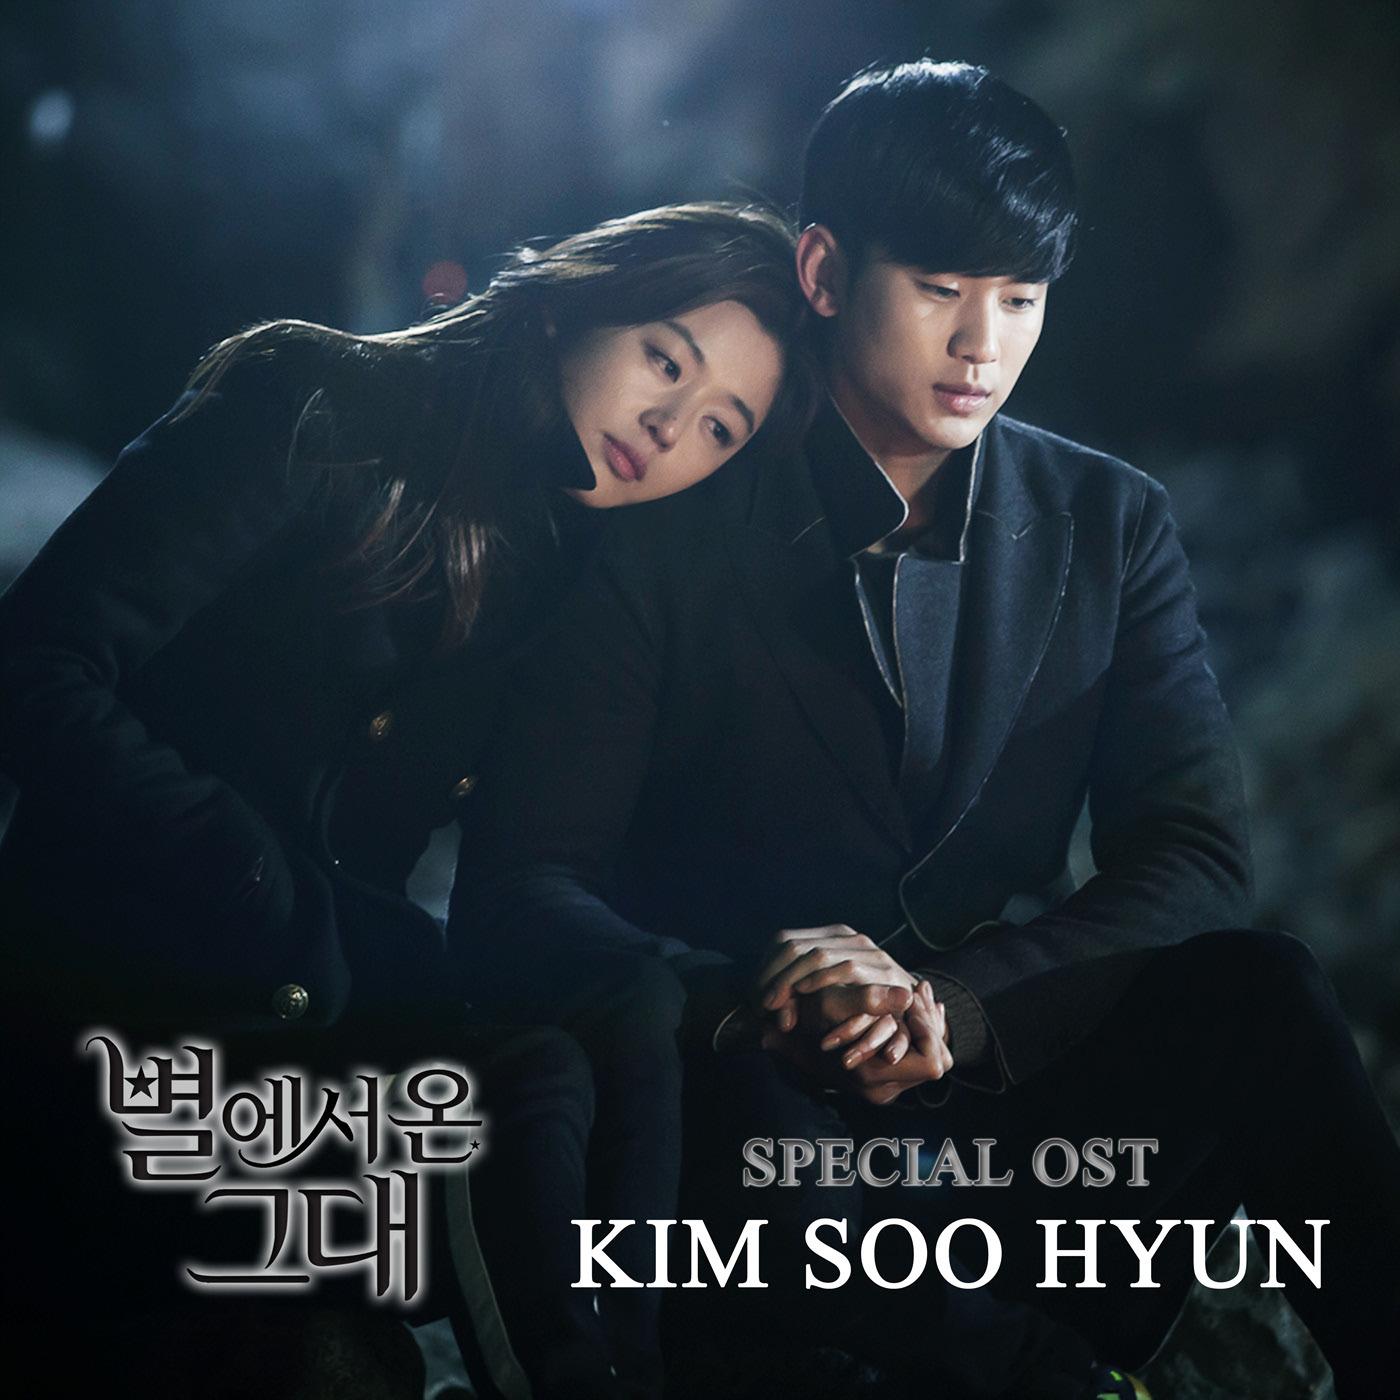 별에서 온 그대 OST Special (SBS 수목드라마) 앨범정보